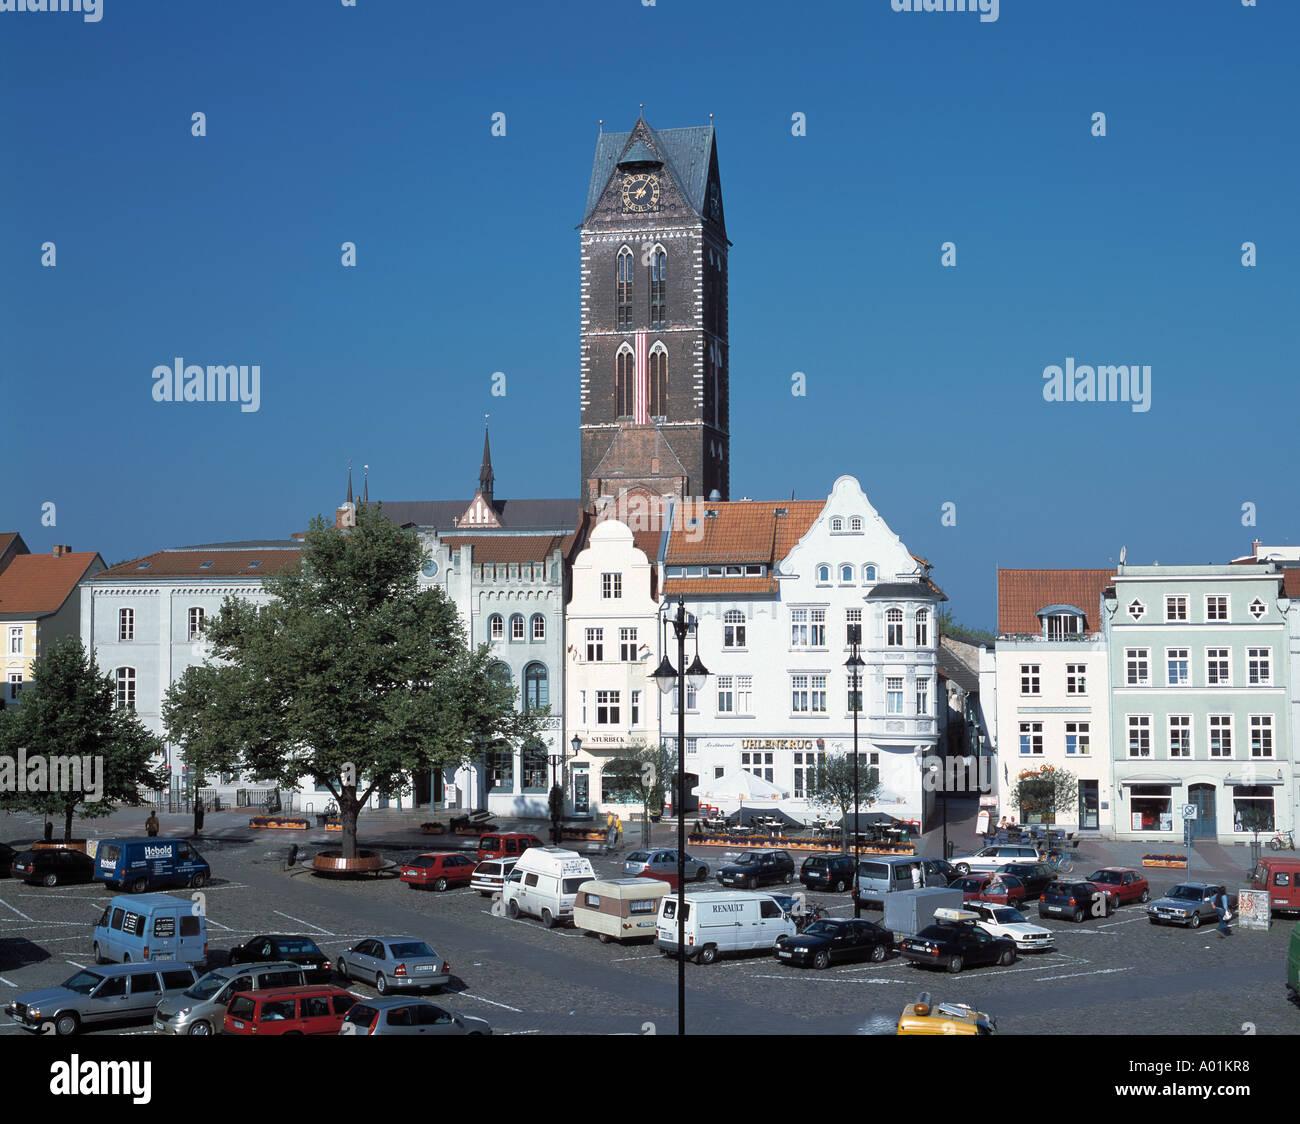 Marktplatz, Buergerhaeuser, Kirchturm der Marienkirche, Wismar, Ostsee, Mecklenburg-Vorpommern - Stock Image